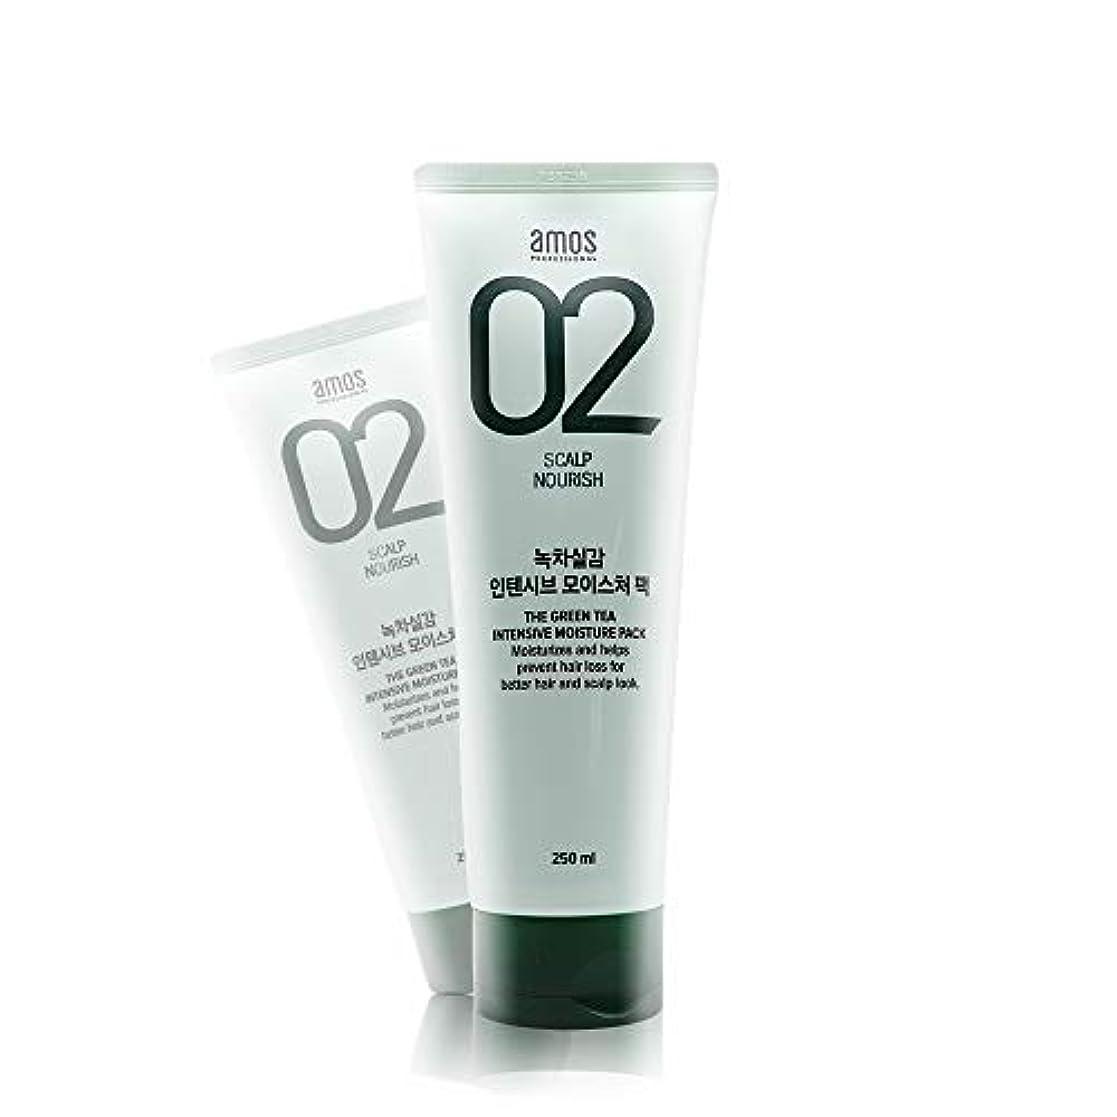 吸う物思いにふける絞るアモス AMOS 緑茶実感インテンシブモイスチャーパック 250g, Feel the Green Tea Intensive Moisture Hair Pack